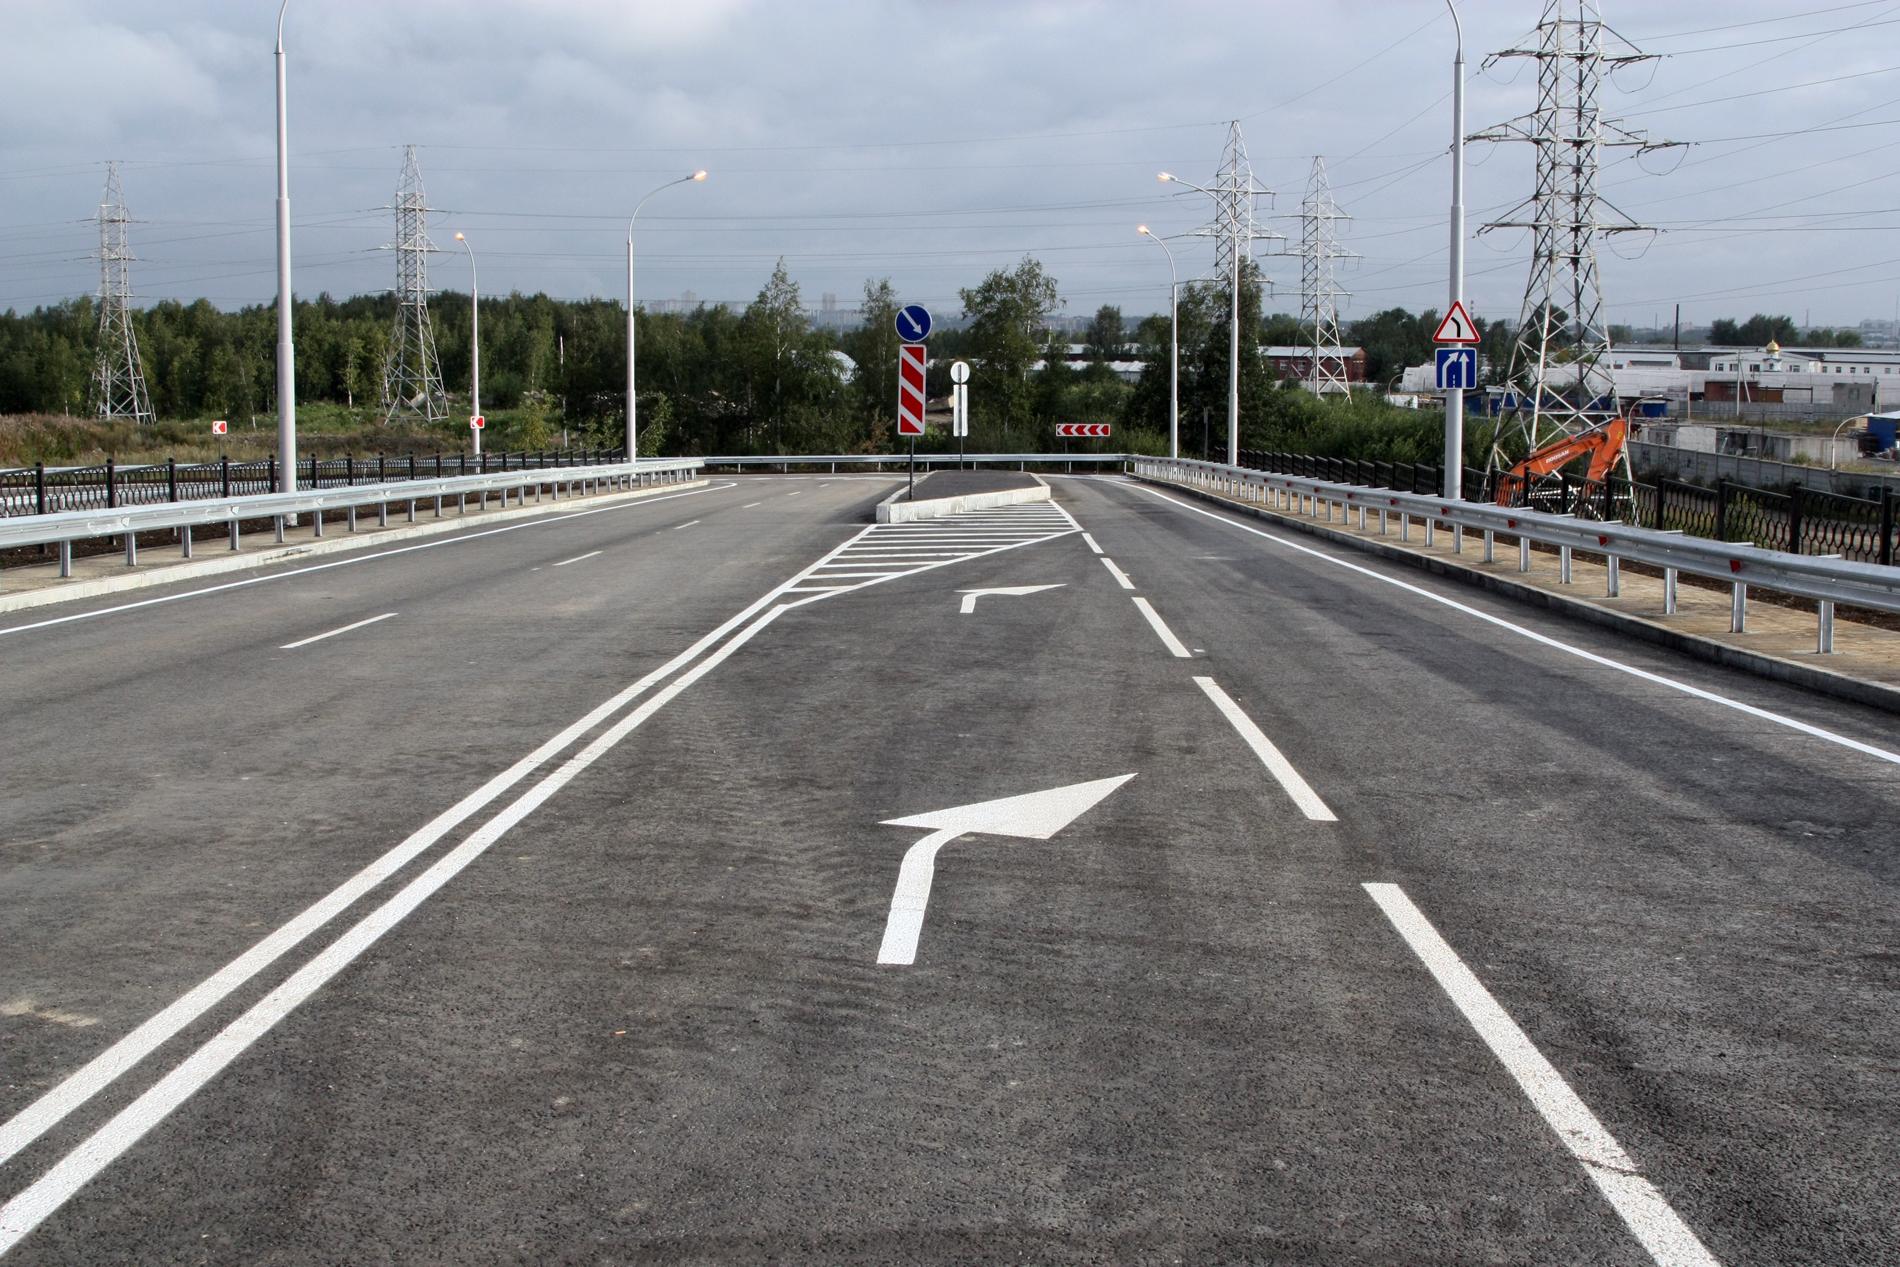 За июнь в Екатеринбурге отремонтировали 243 500 квадратных метров дорог